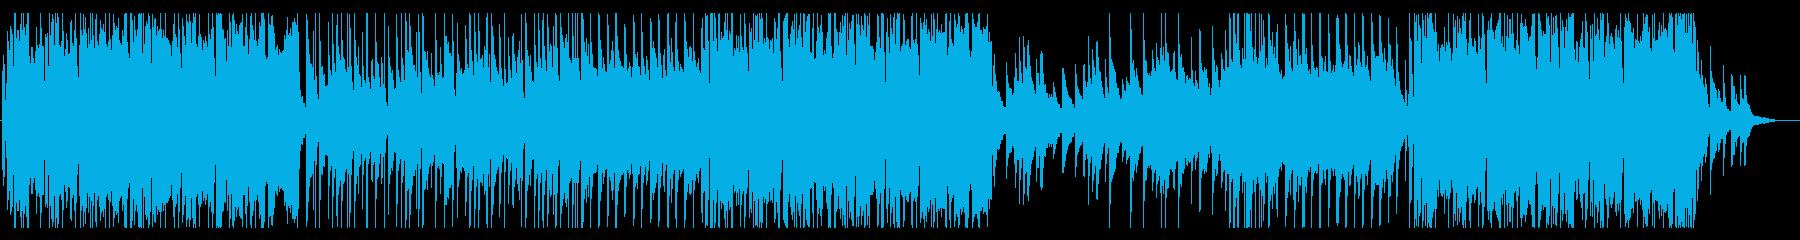 優しいストリングスのポップバラードの再生済みの波形